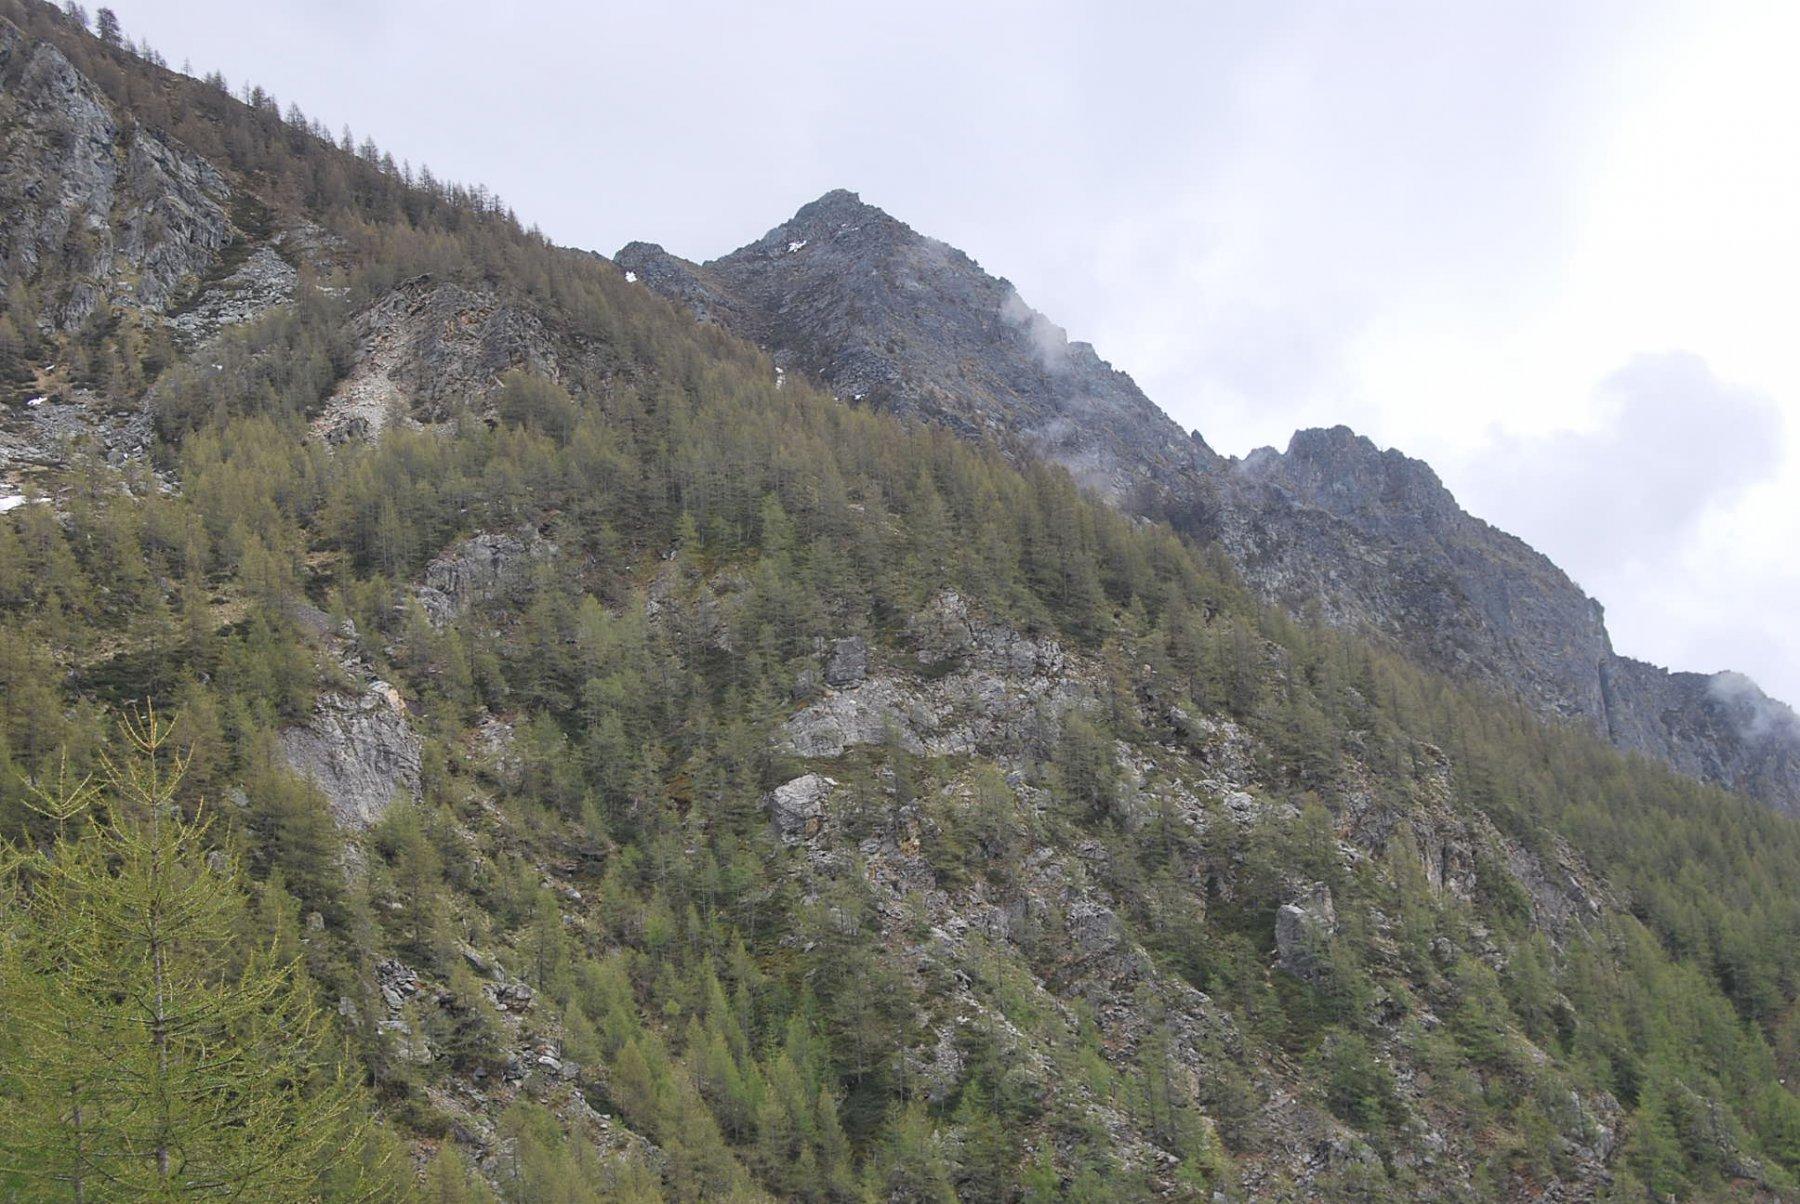 Il Monte Faceballa e la cresta verso il Col Brison visti scendendo ad Ollomont in una rara schiarita